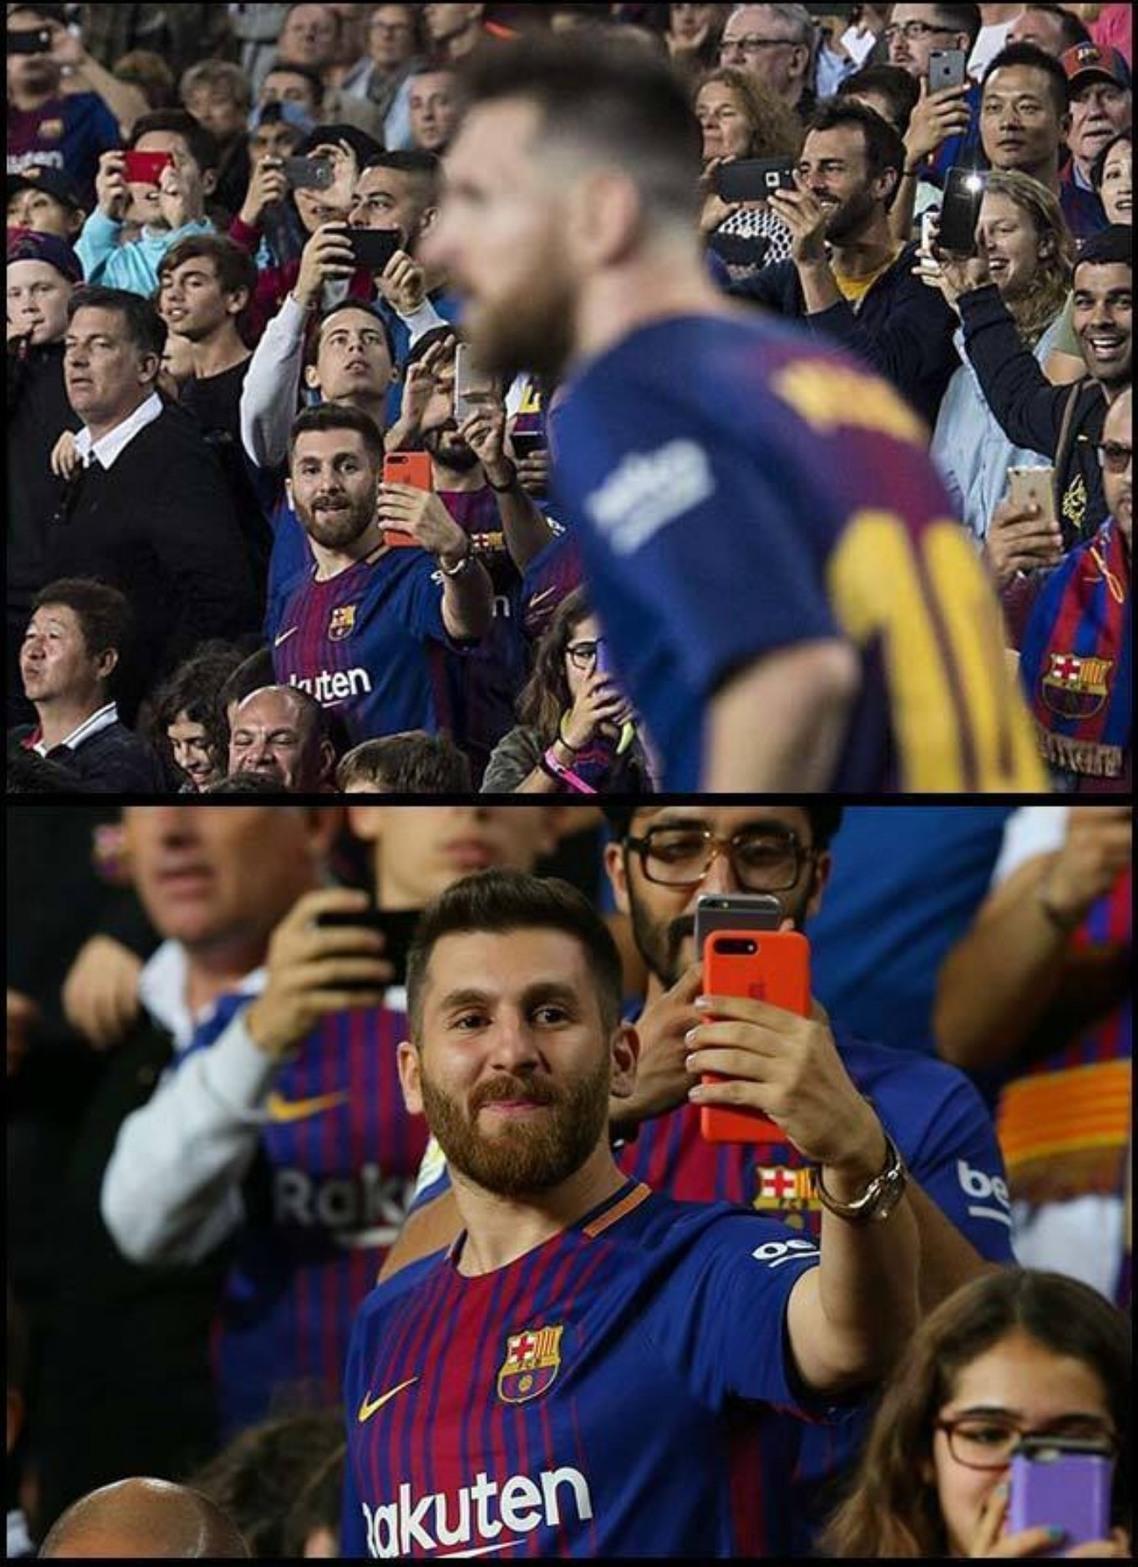 O cara é tão bom que bate falta e tira foto dele ao mesmo tempo - meme